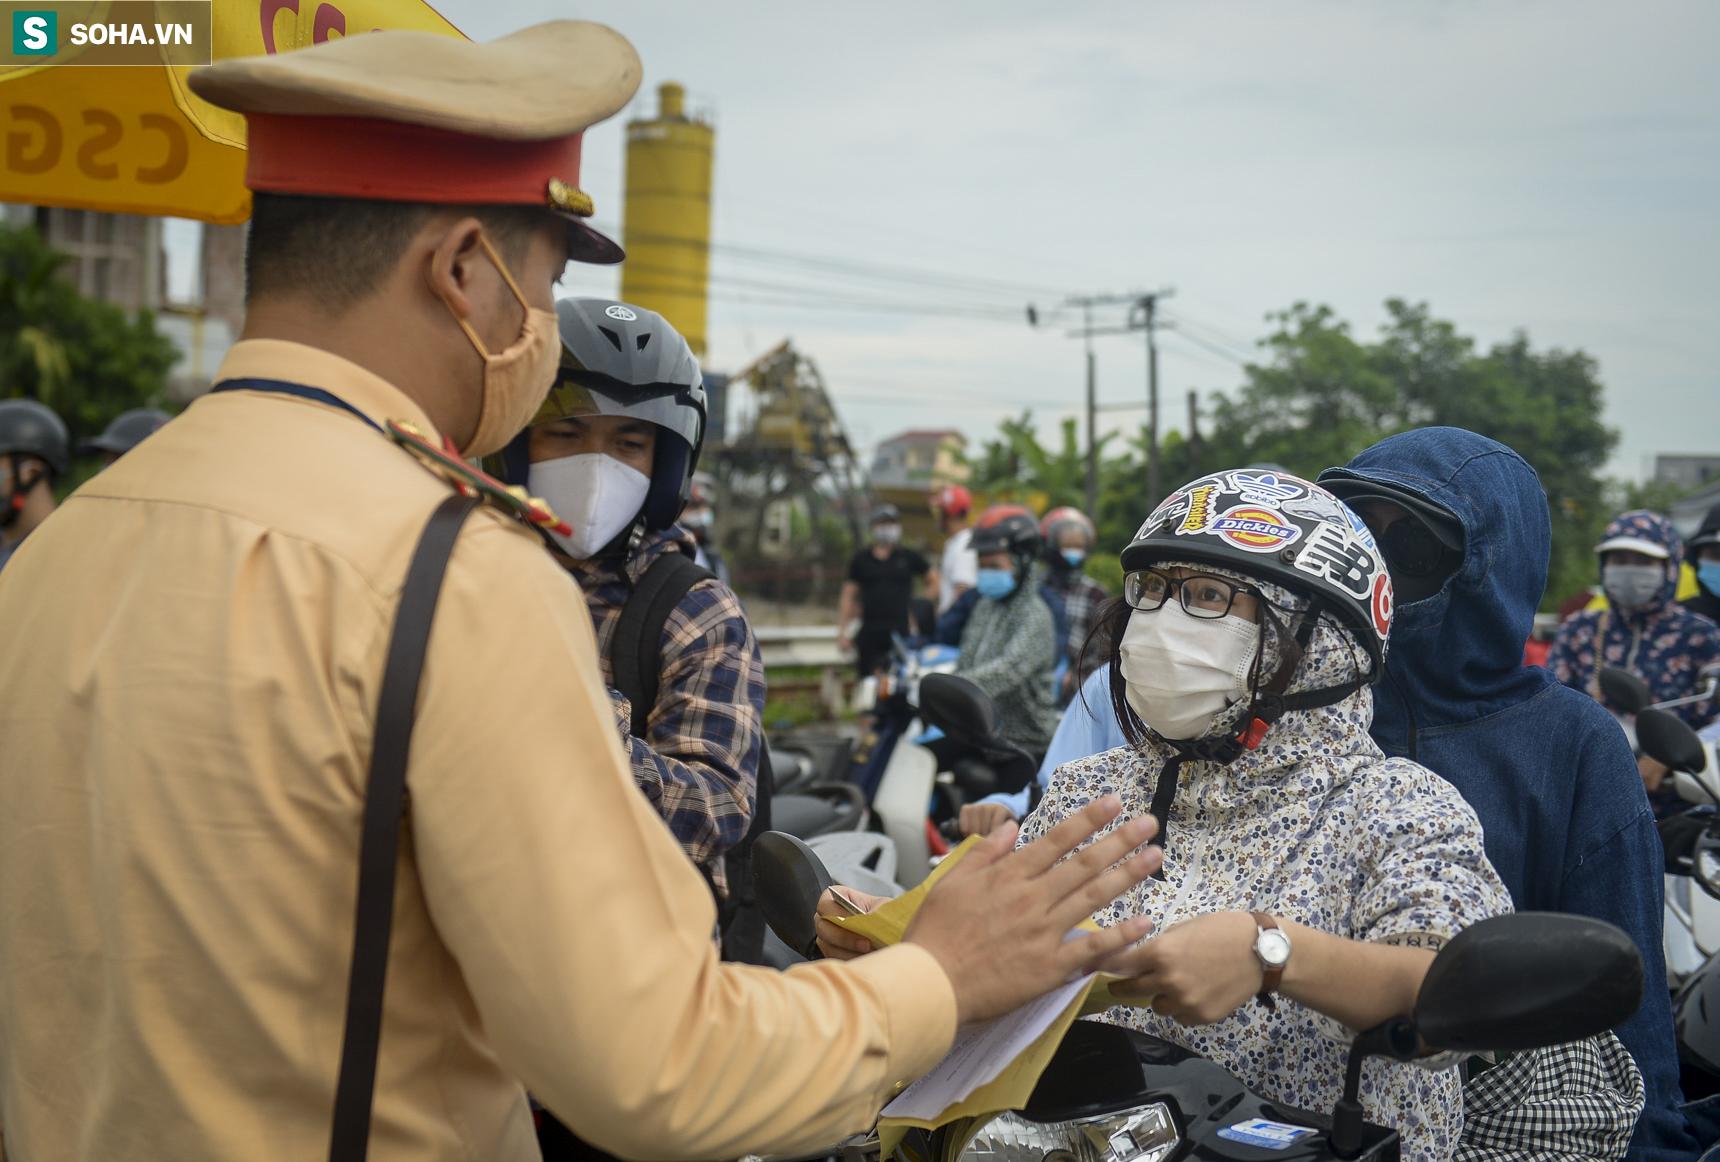 Đi xe máy hơn 1.500km ra Hà Nội, 2 bố con ăn ngủ tại chốt Cầu Giẽ chờ người đưa đi cách ly - Ảnh 7.